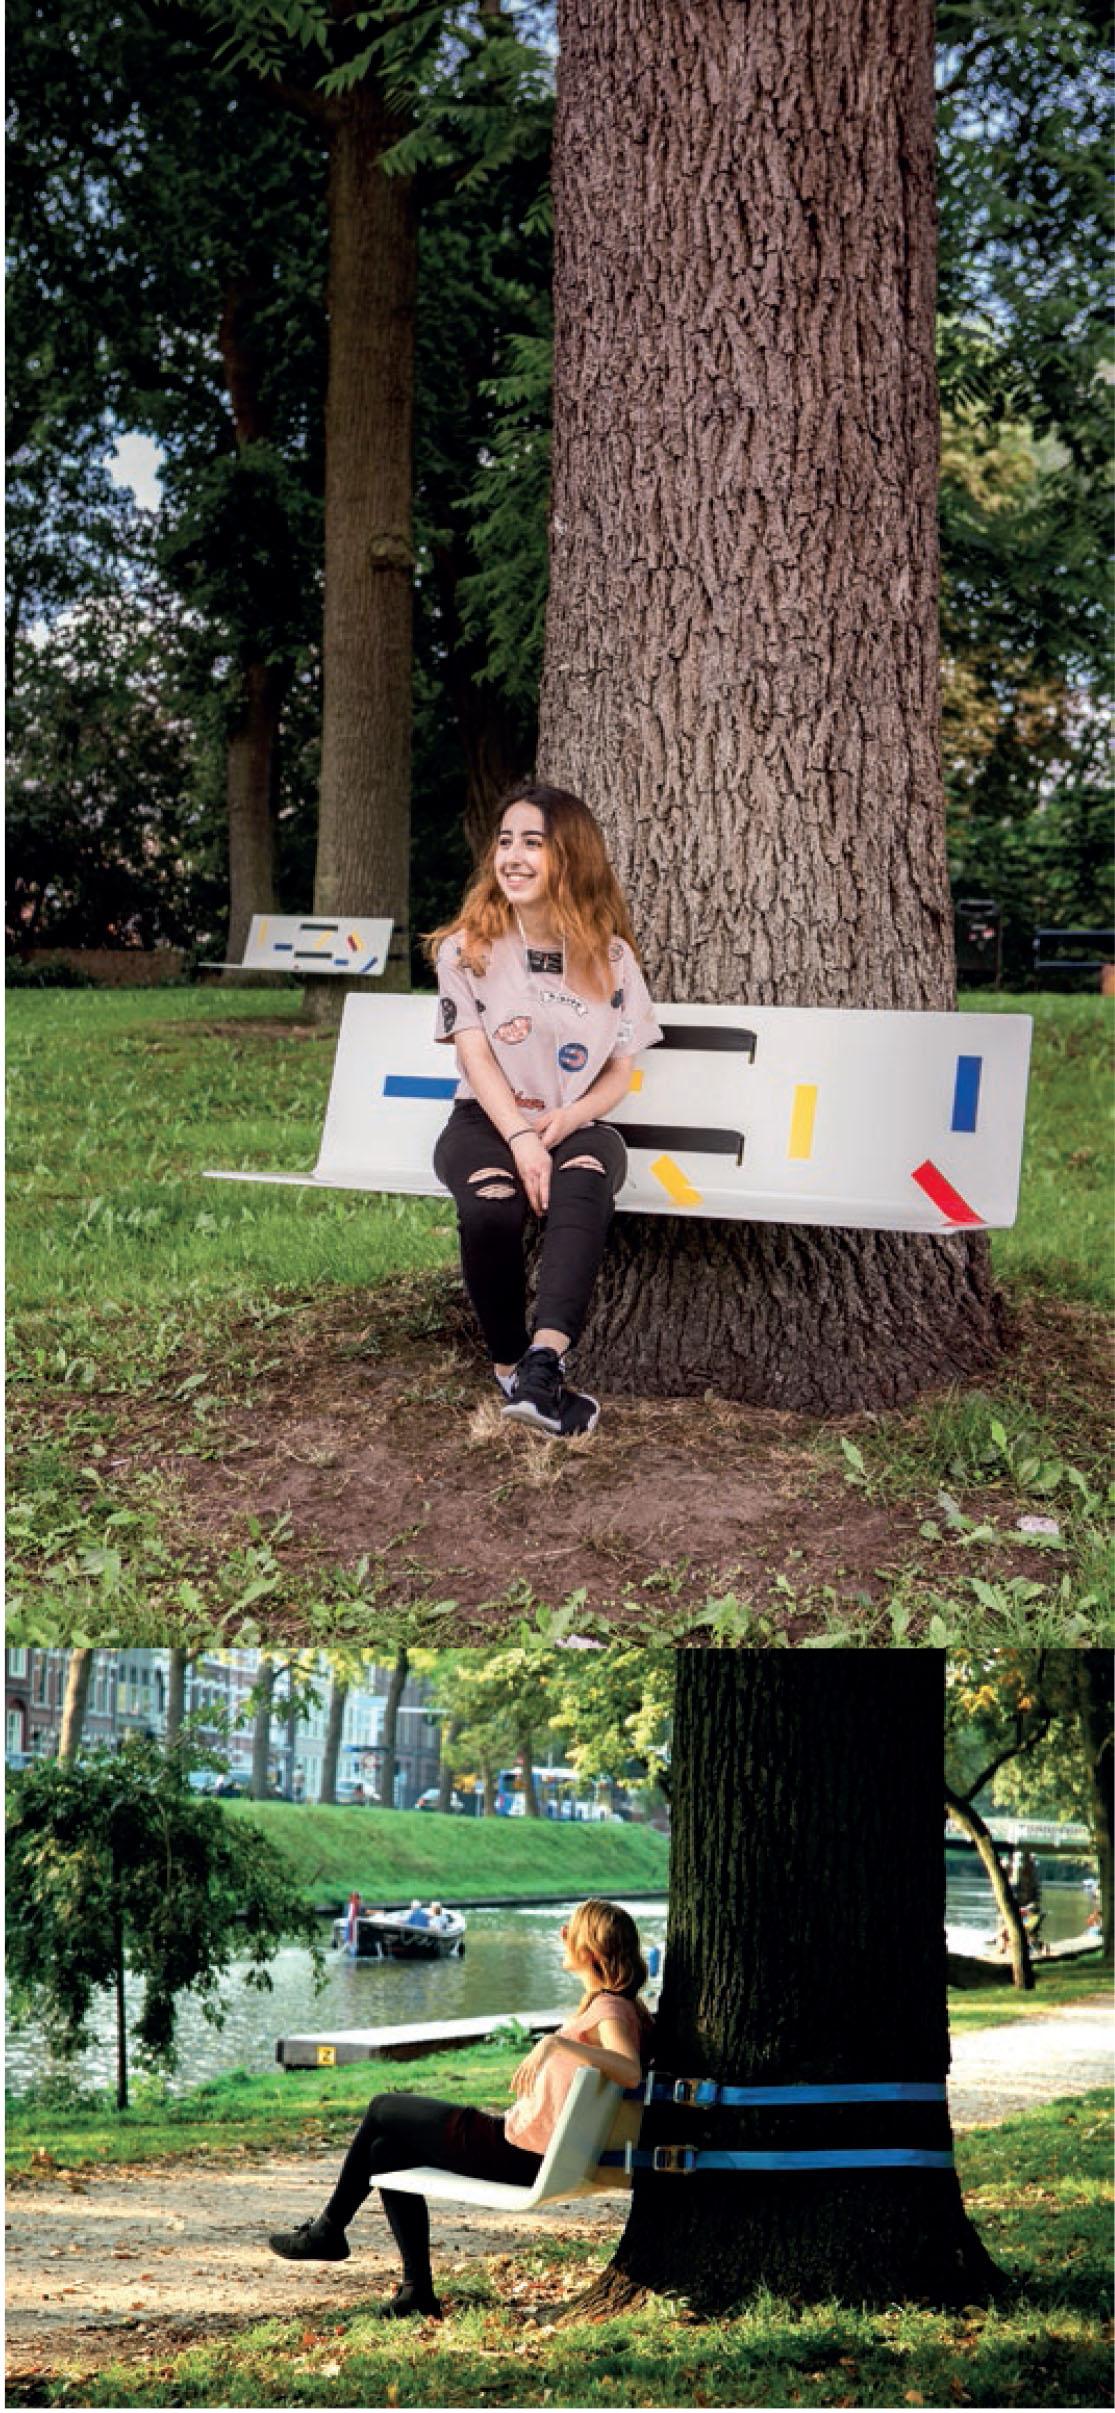 Mobilier urbain : Tree Bench, un banc conçu par Rogier Martens